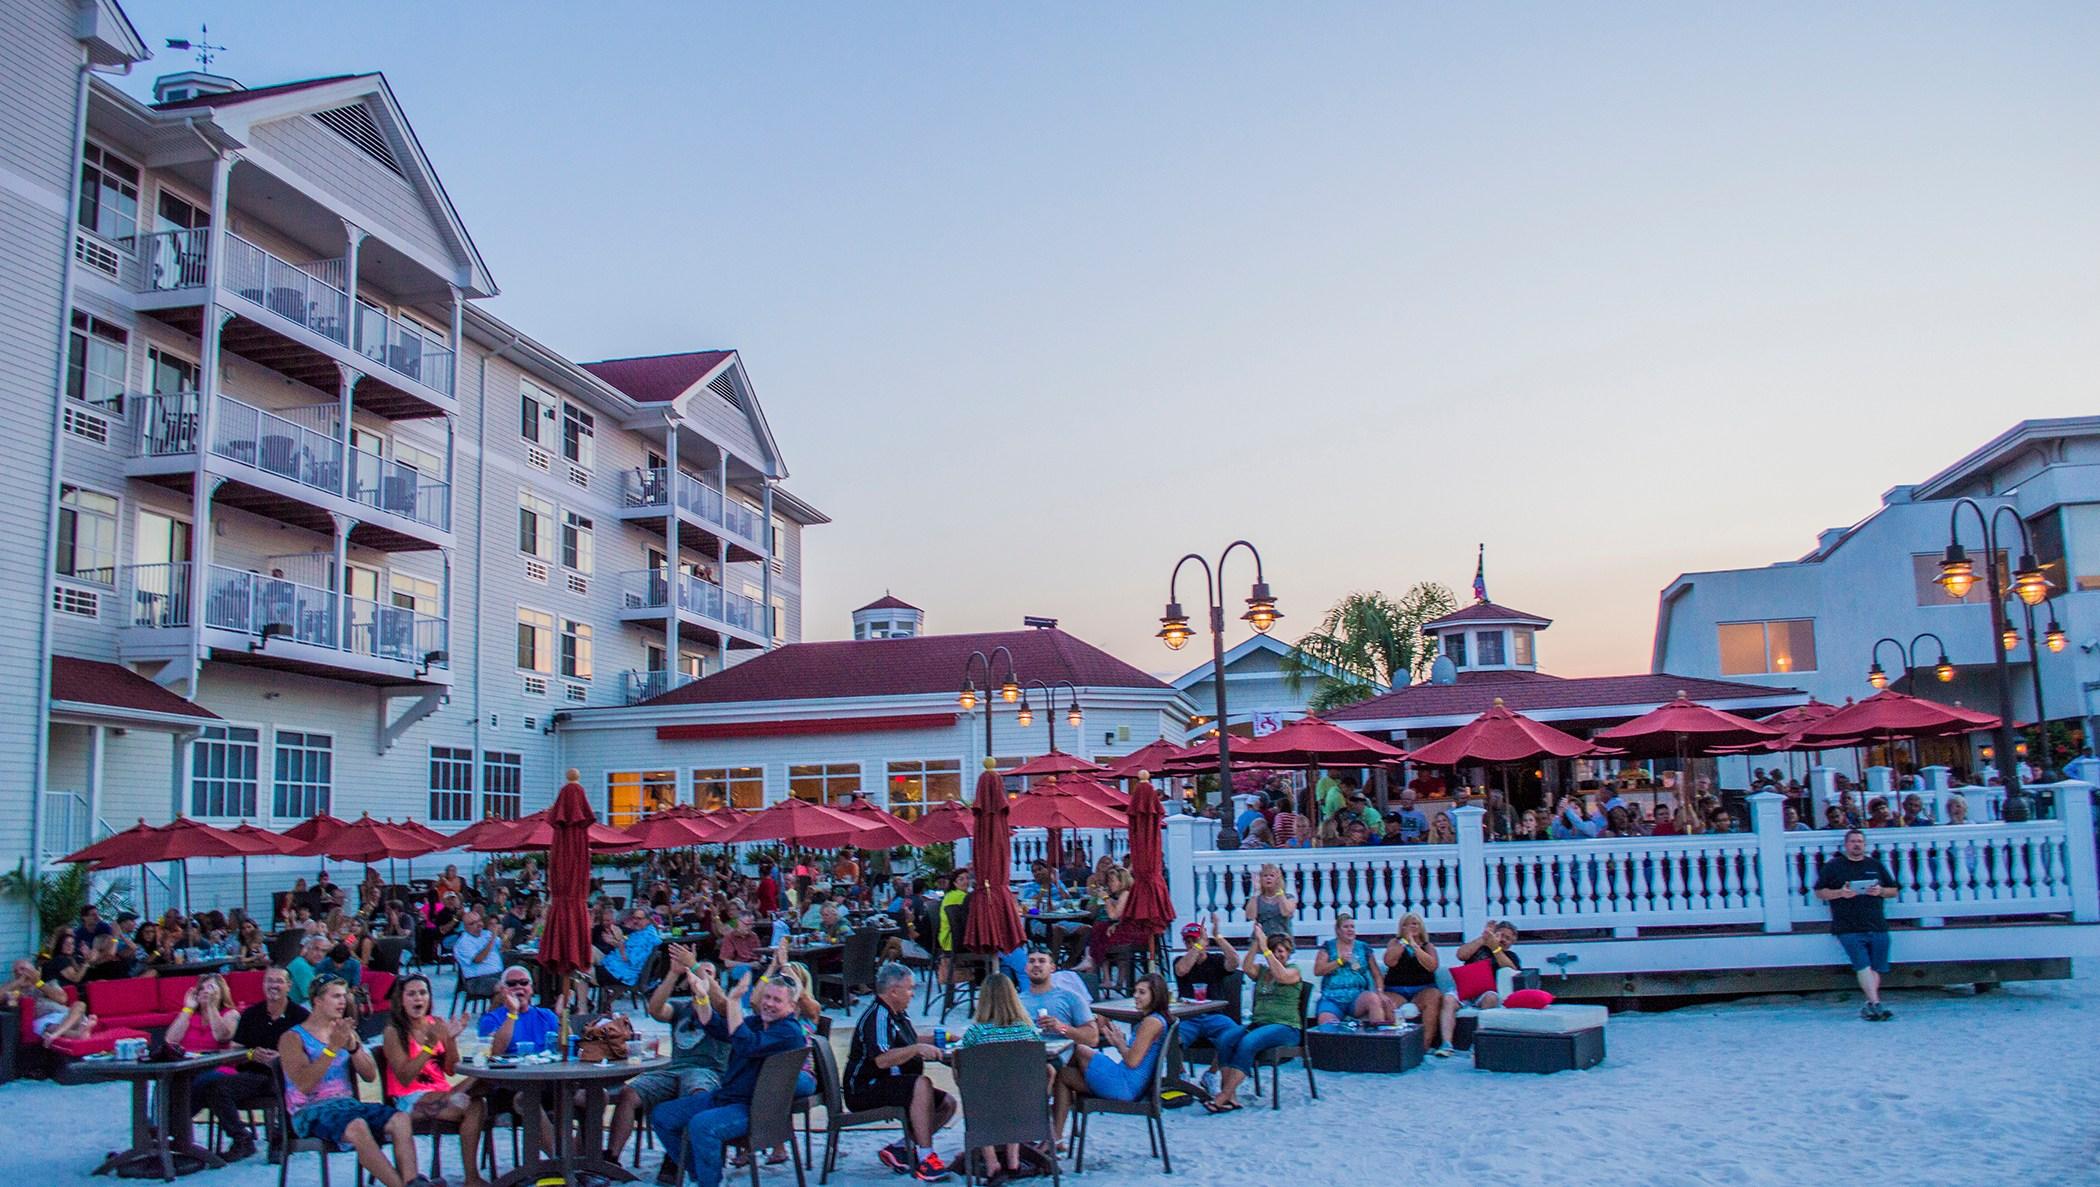 Chesapeake Beach Resort & Spa – Chesapeake Beach, Maryland